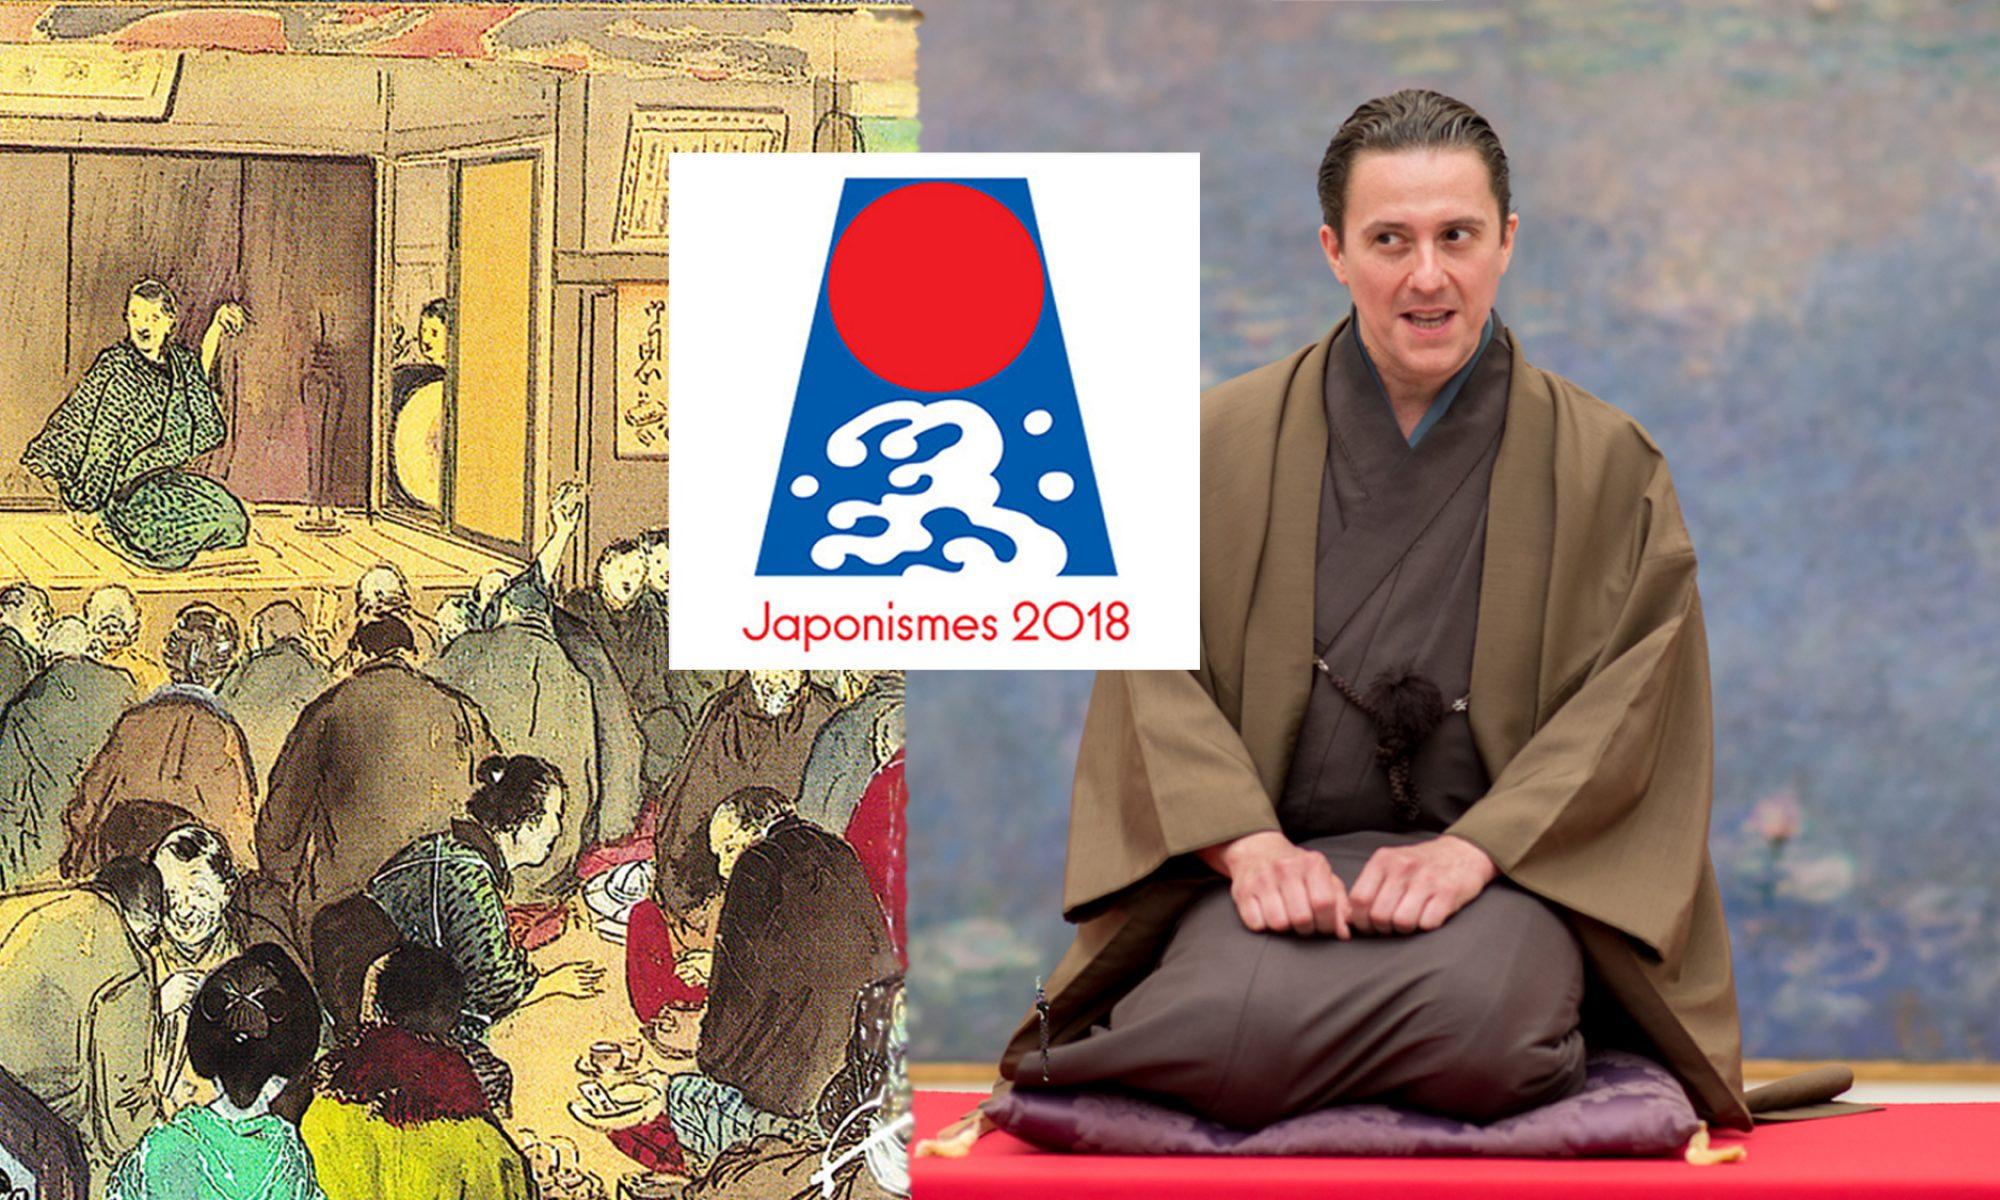 JAPONISMES 2018 Le rire en mémoire